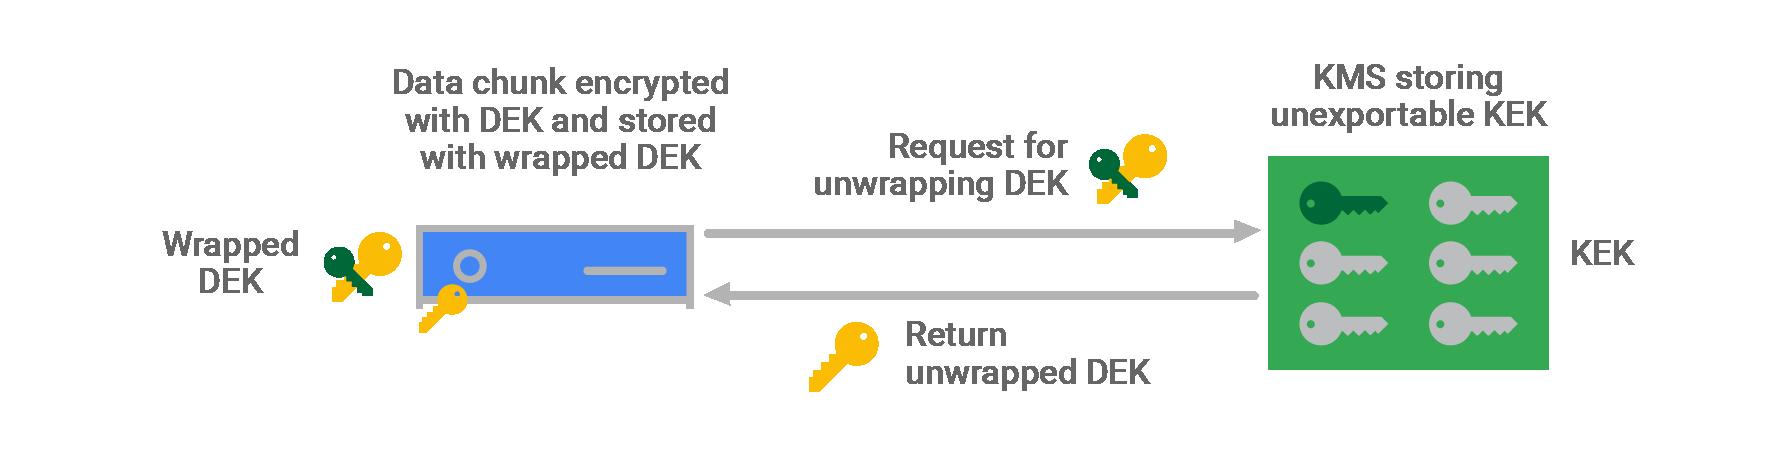 Diagramm: Datenblockentschlüsselung